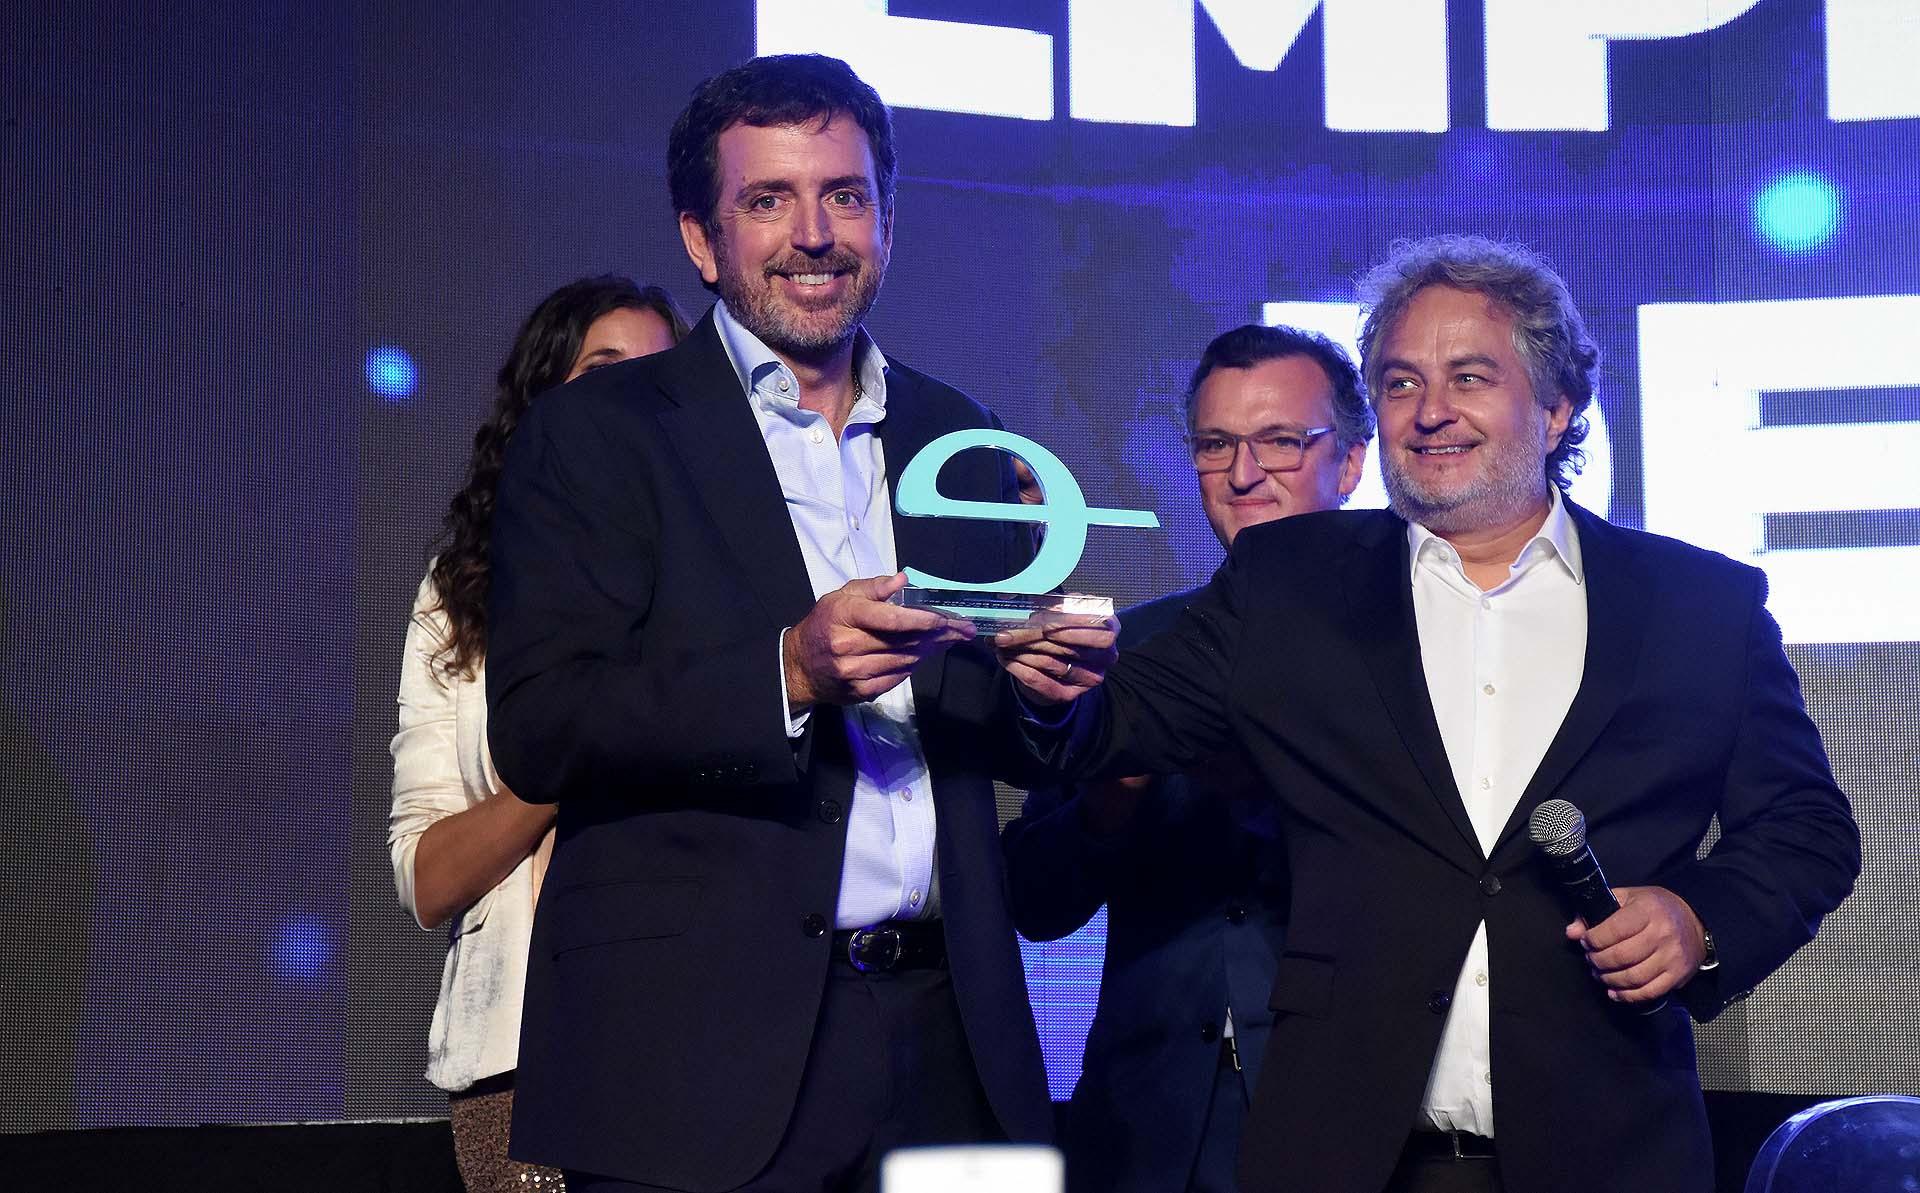 Mariano Bosch, co-fundador y CEO de Adecoagro, fue distinguido por Endeavor como empresario del año 2019